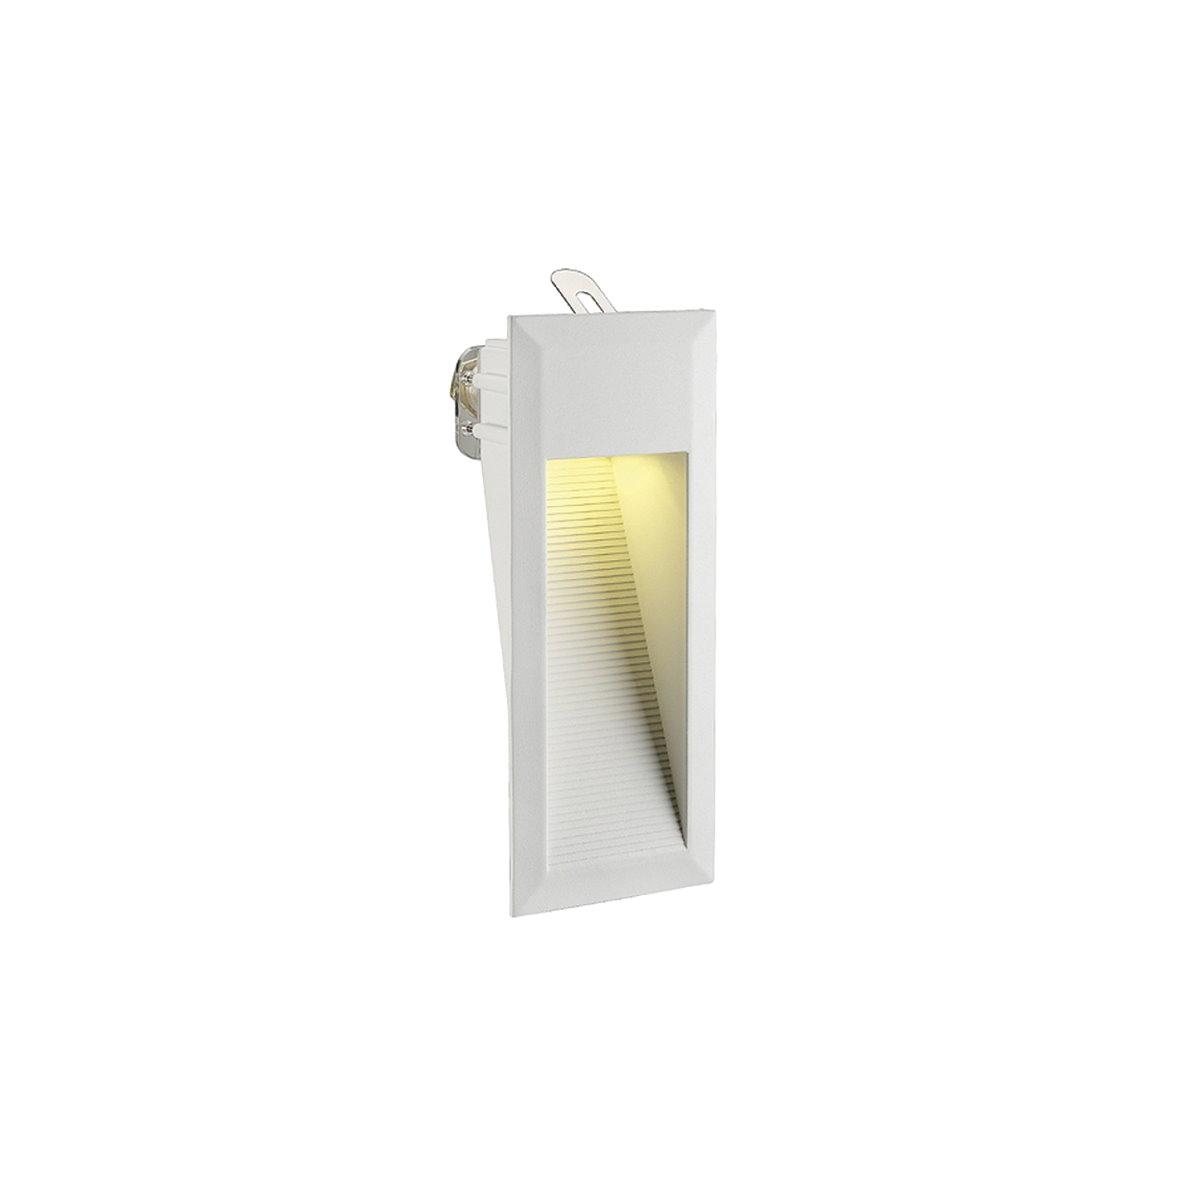 -LED-Wandeinbauleuchte-230V-Aussen-Garten-Leuchte-Spot-Wand-Strahler ...